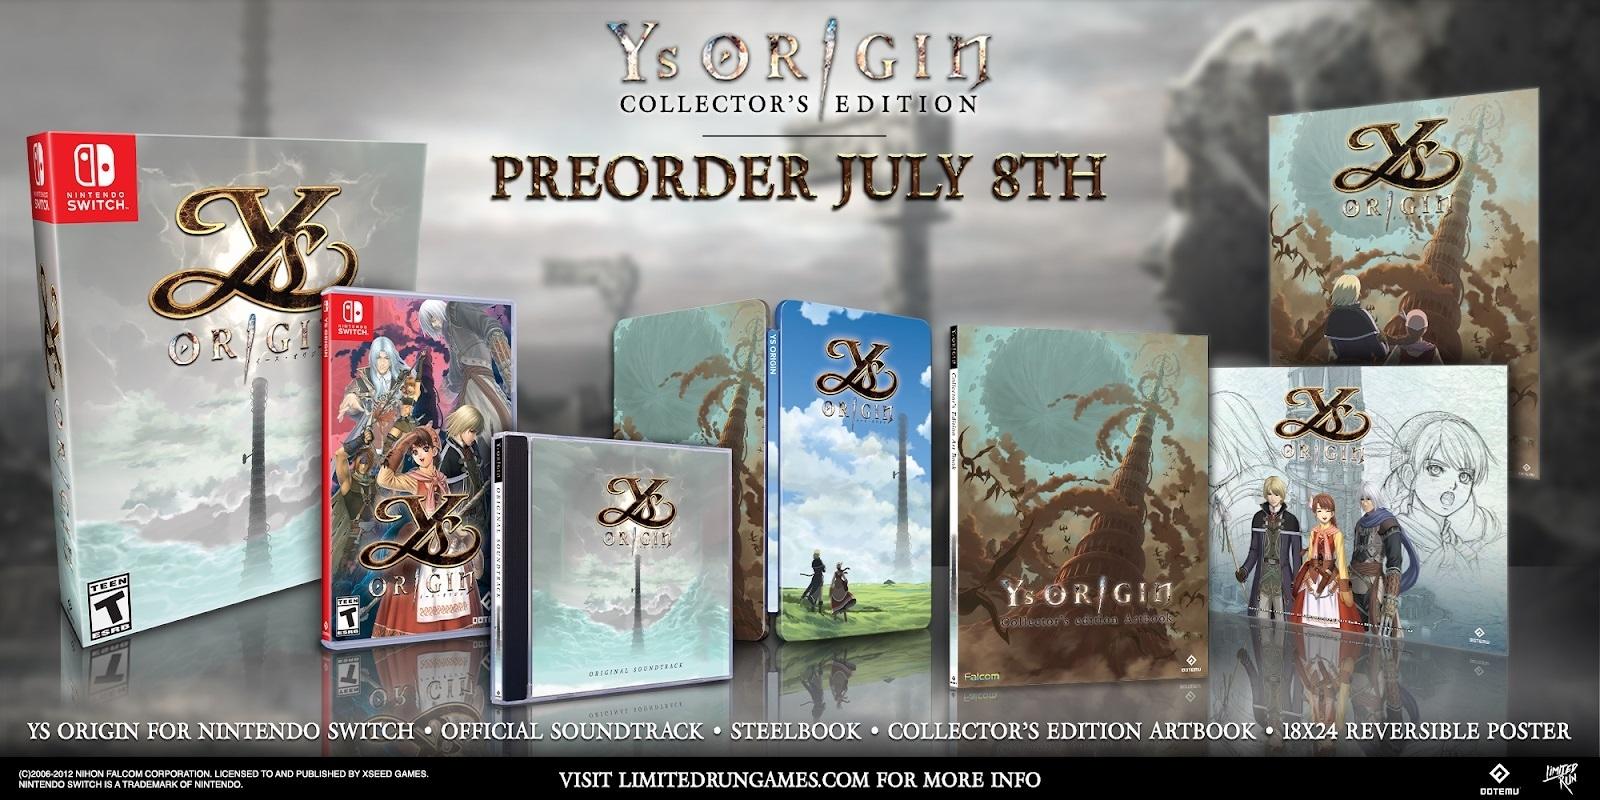 Классическая RPG Ys Origin выйдет на Nintendo Switch в этом году